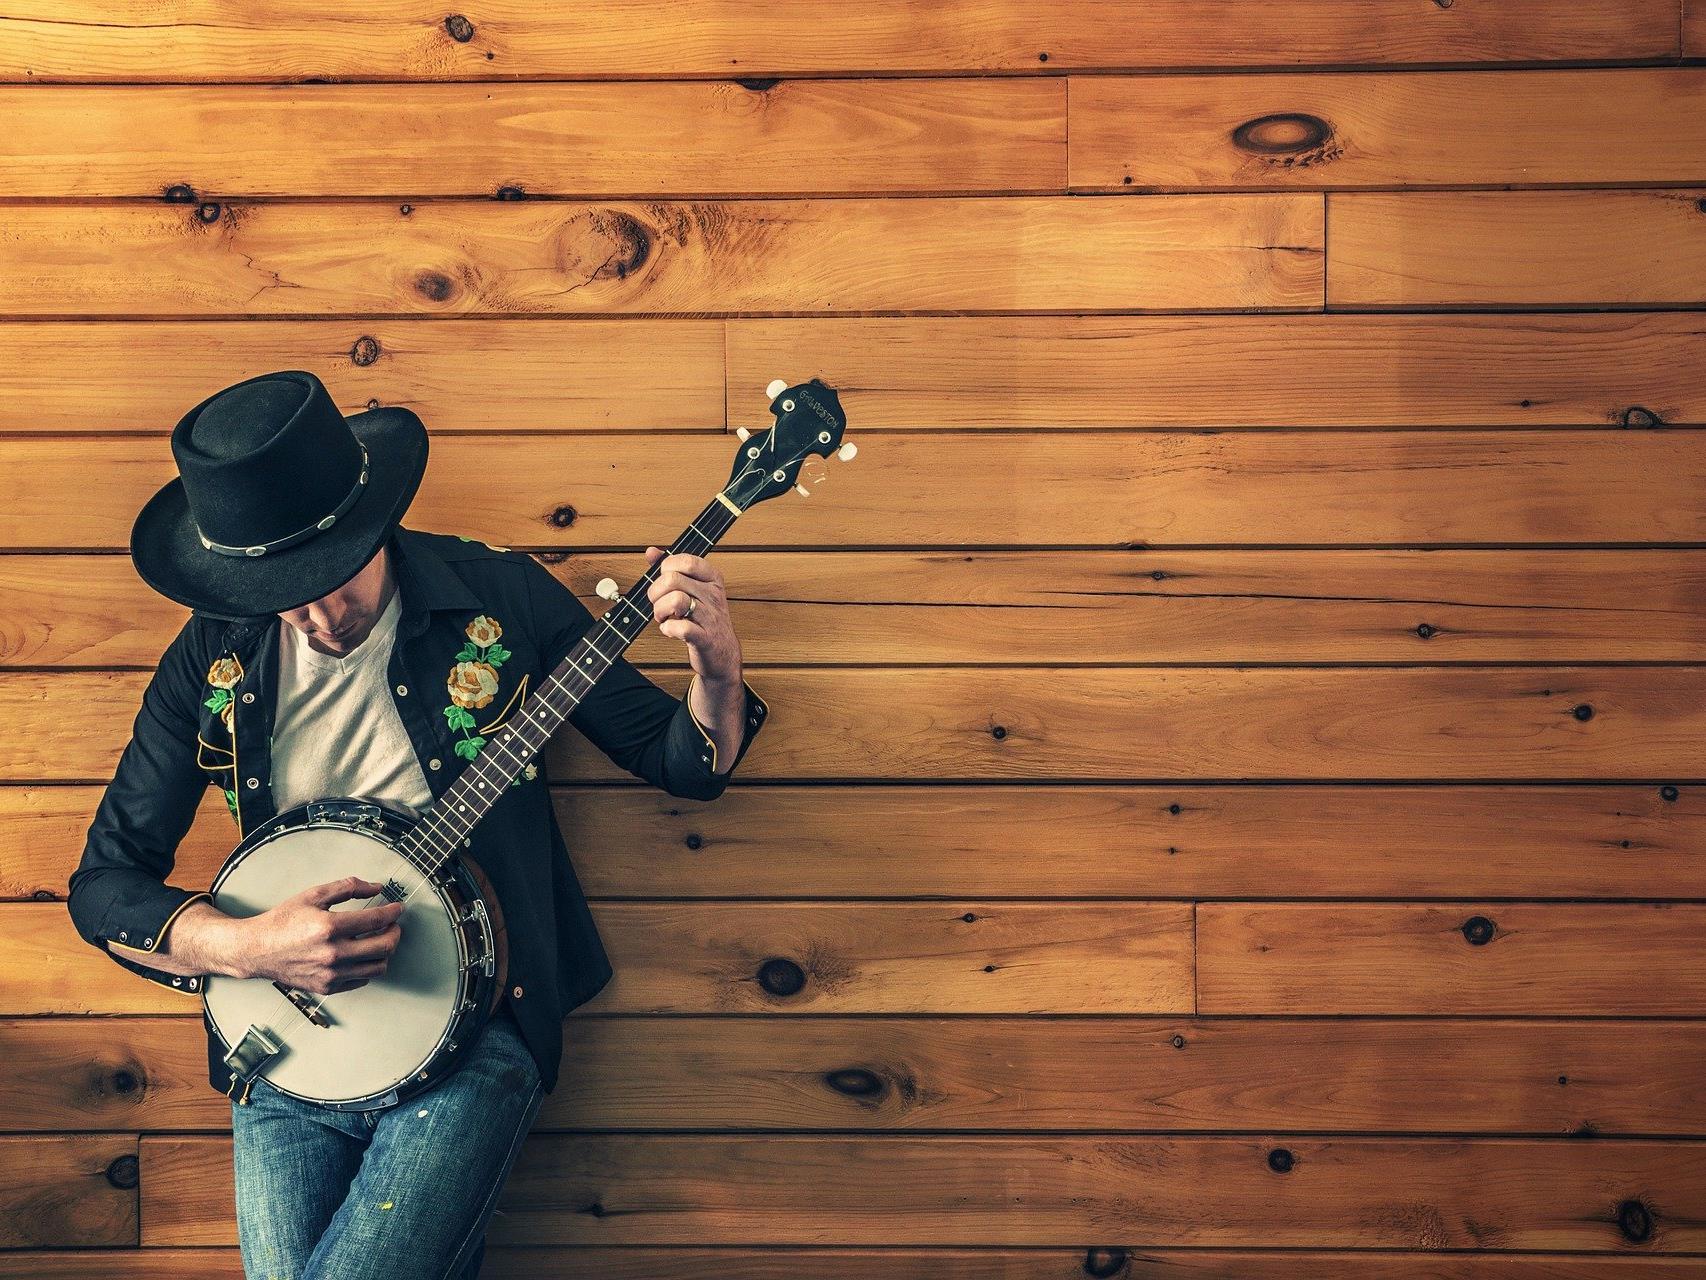 Fans der Country-Klänge sollten am Wochenende den Böhmischen Prater besuchen.